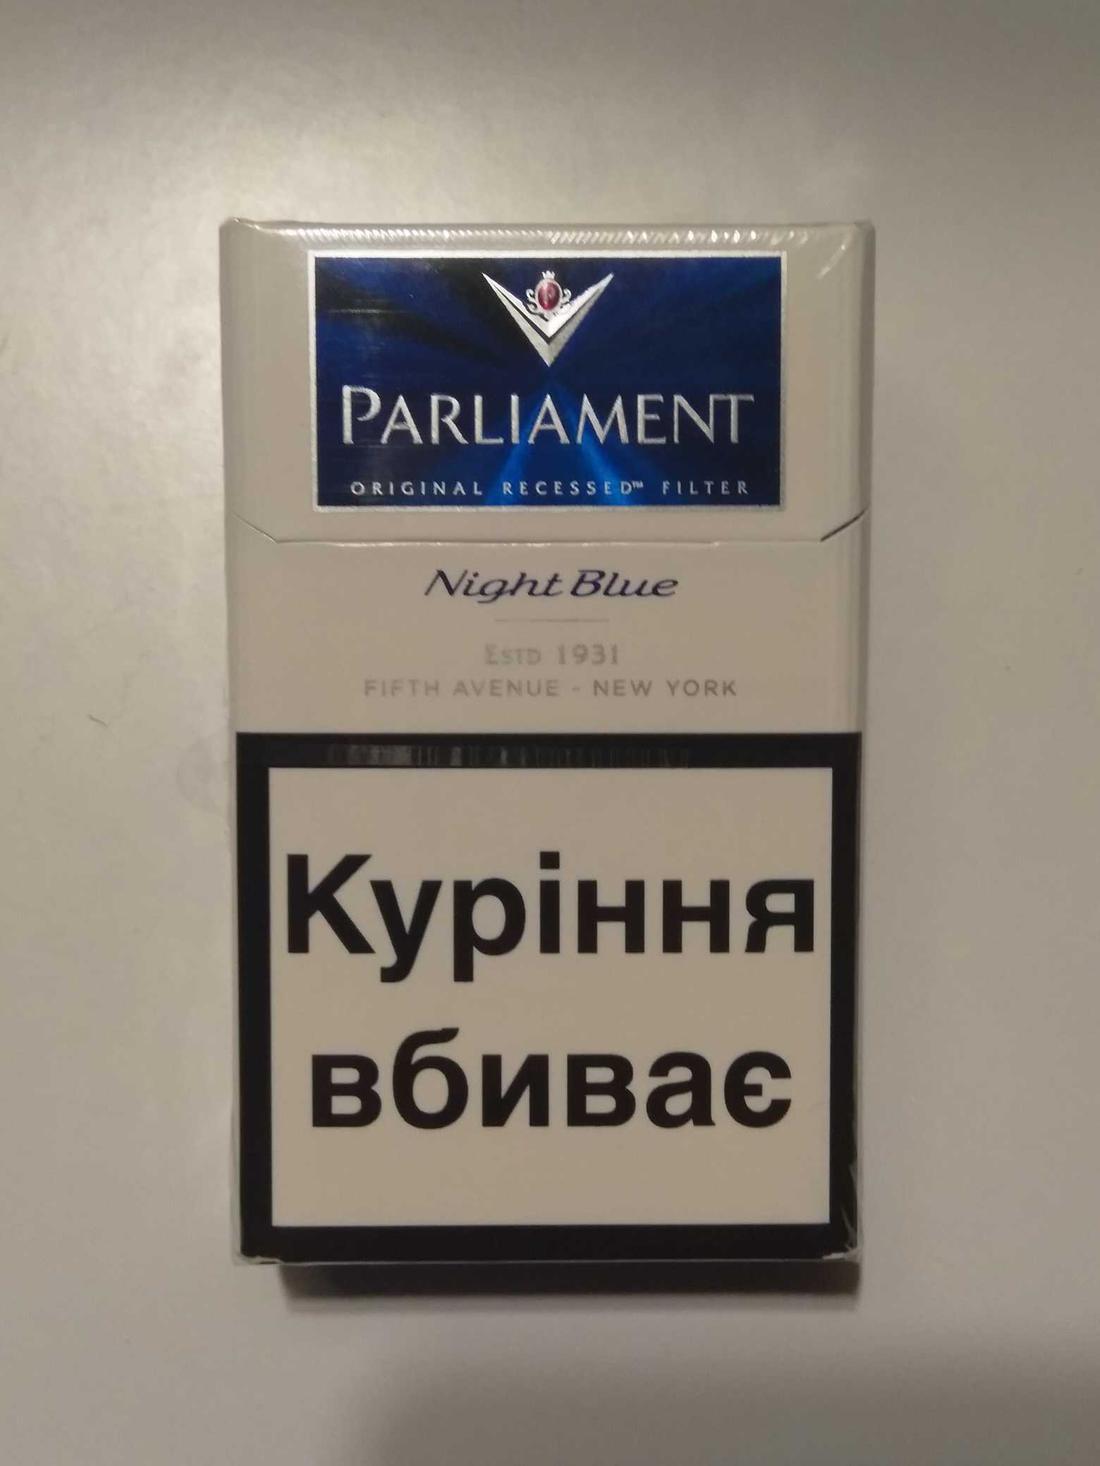 Купить сигареты парламент найт блю приравнивающий вейпы и кальяны к табачным изделиям